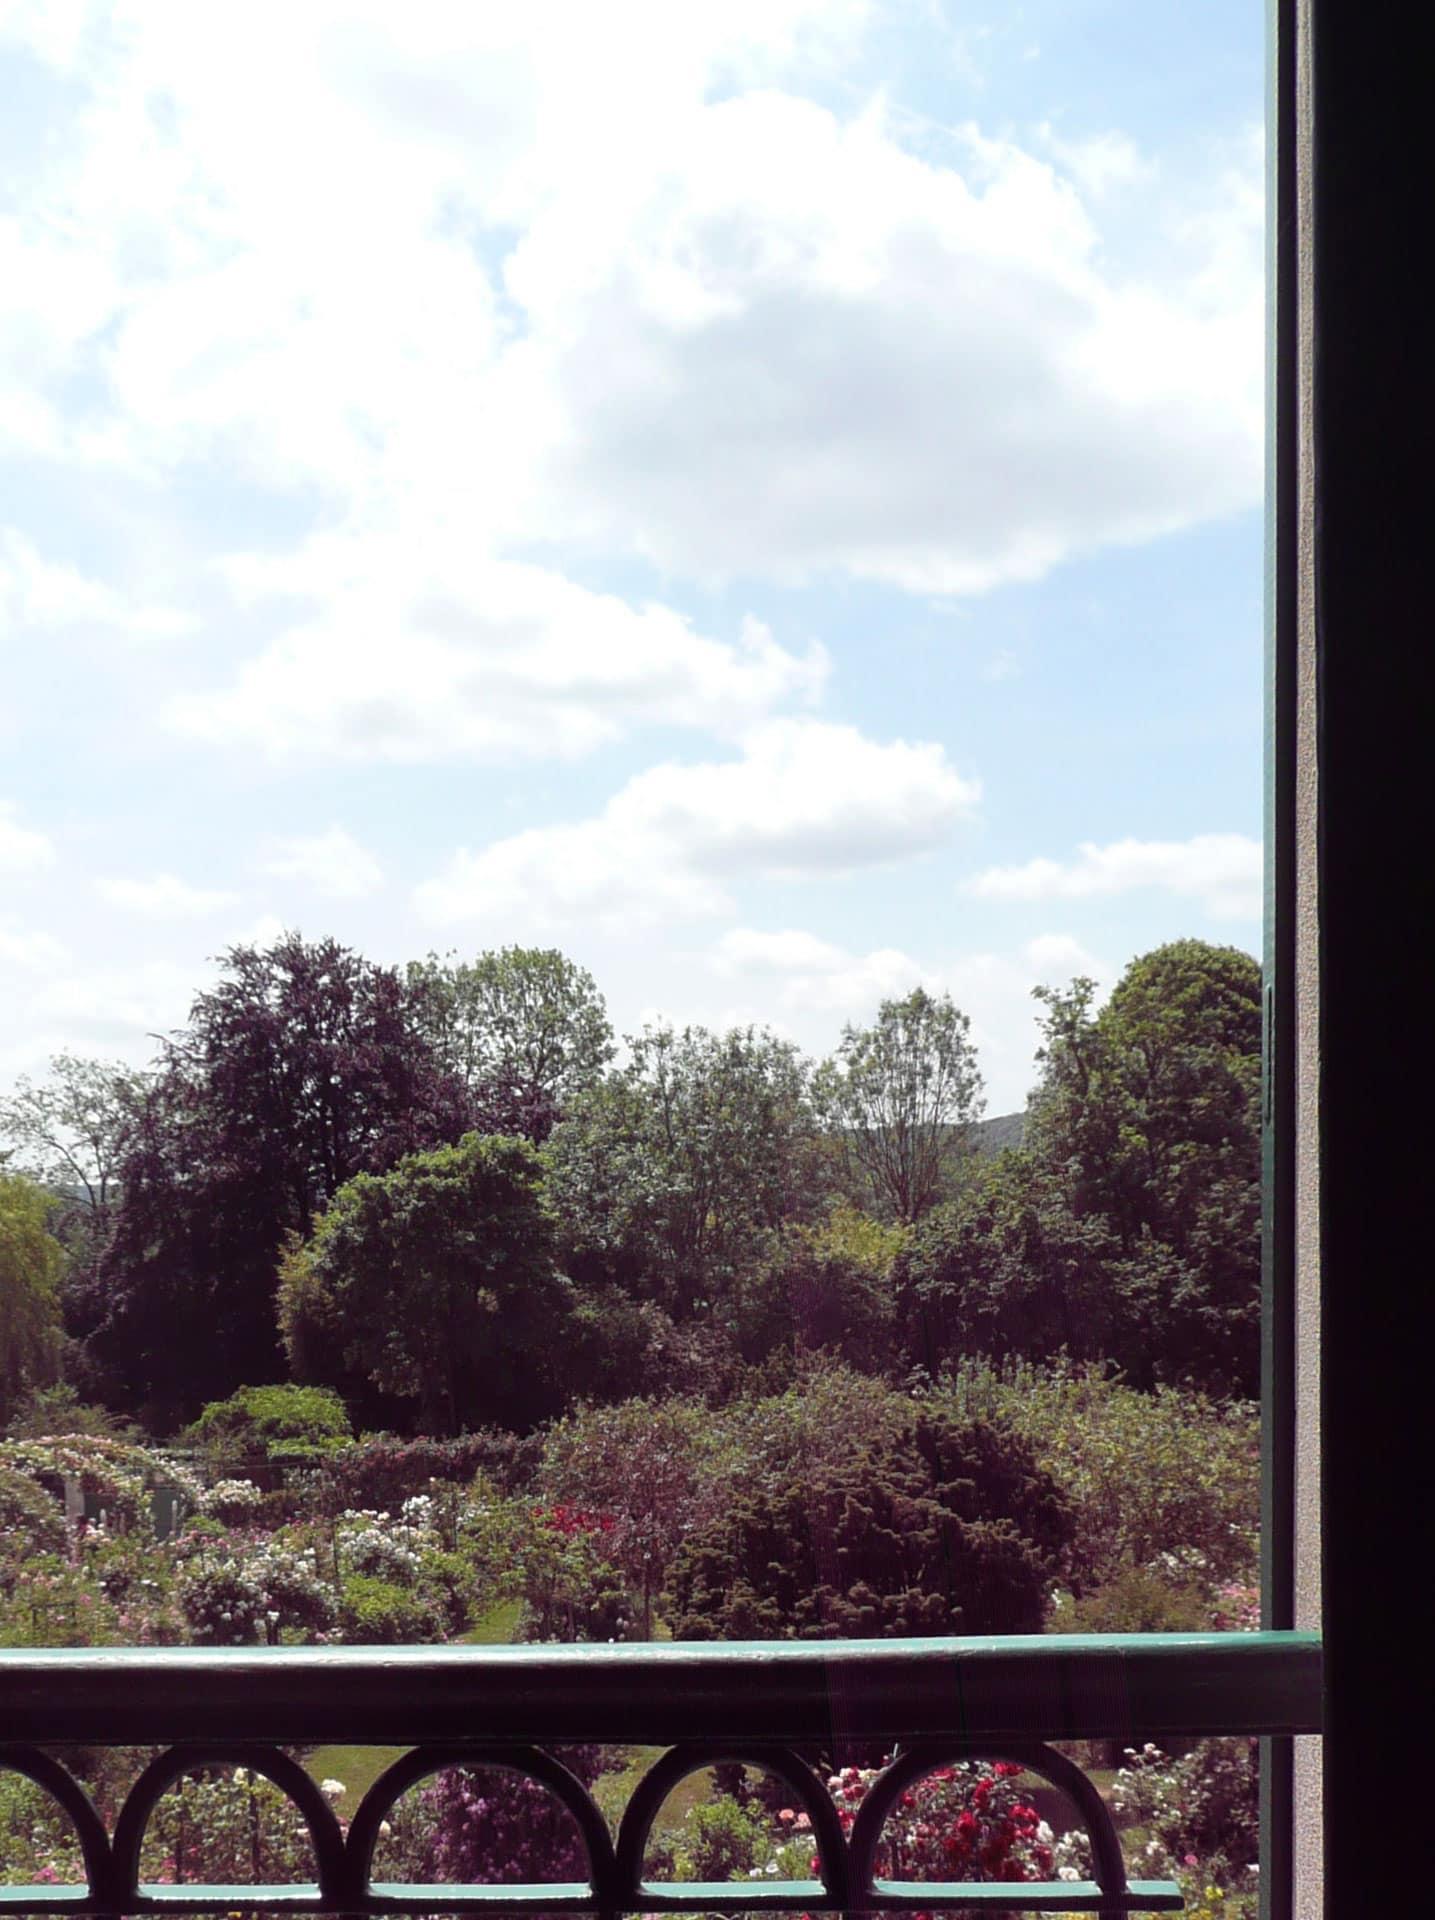 Monet's bedroom window